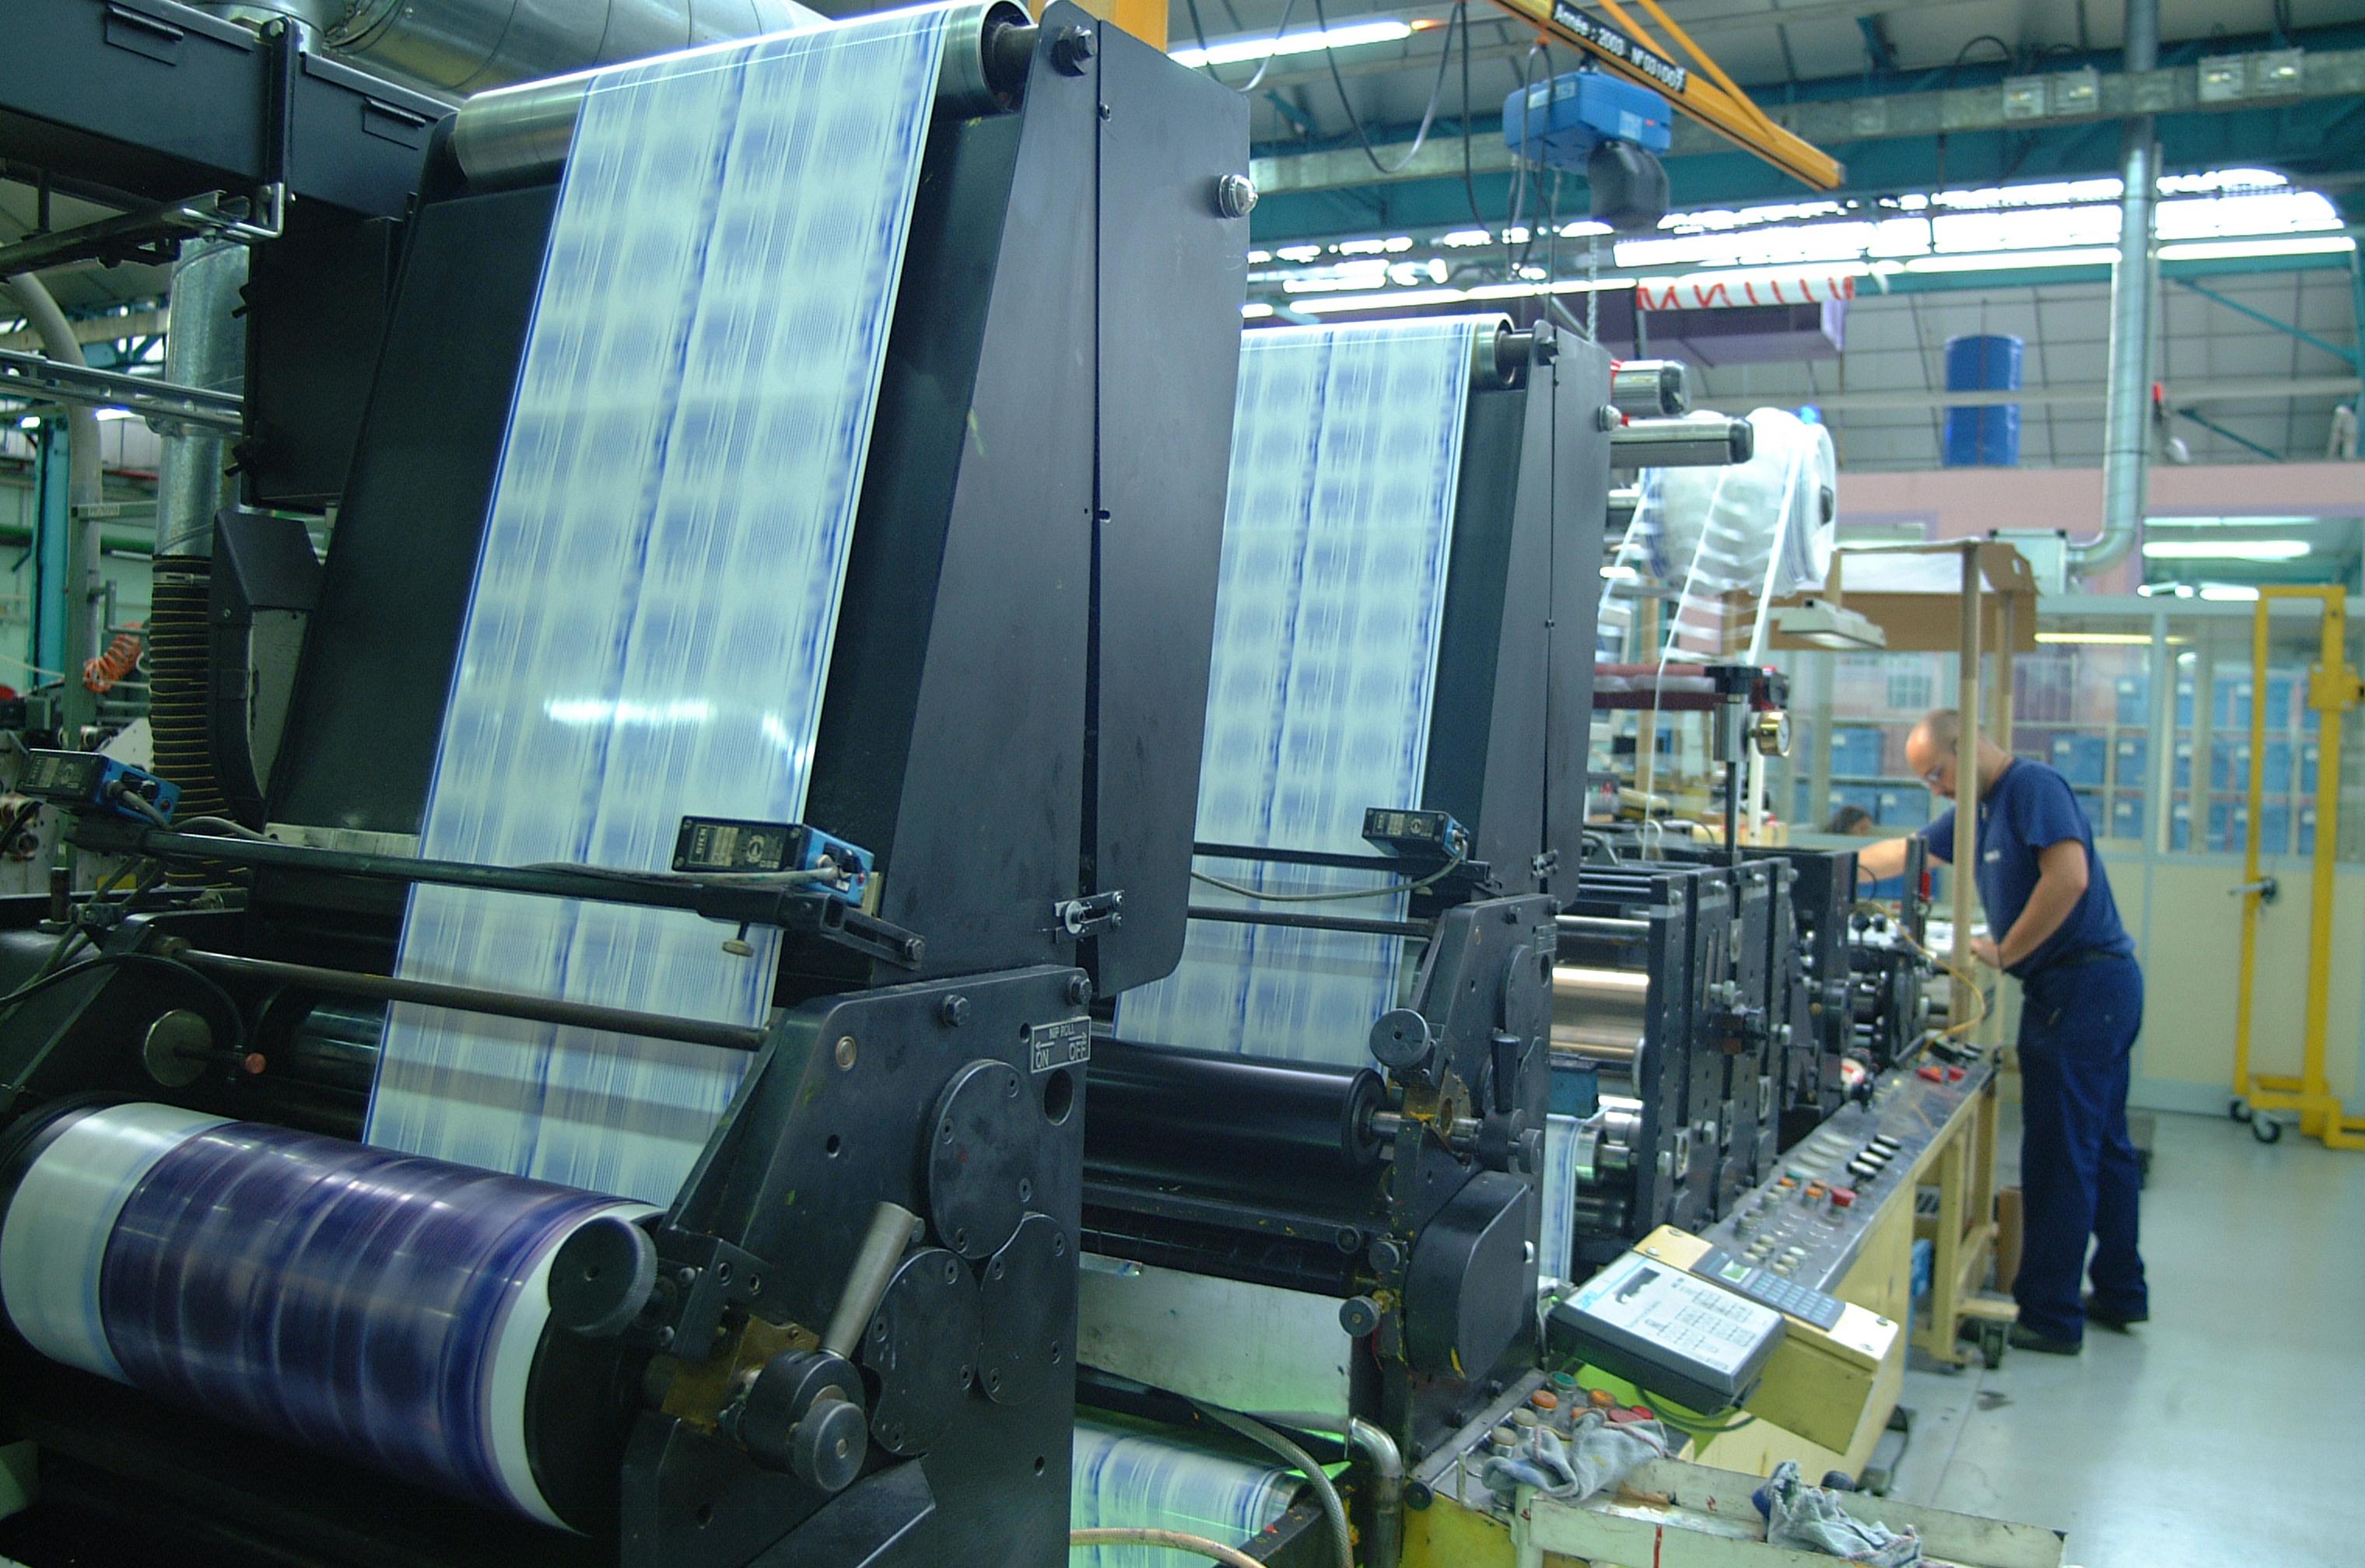 Toute l'imprimerie livrée sur le département de la Maine et Loire(49) gratuitement , vos flyers , affiches, panneaux, banderoles, drapeaux... livrés sur le département de la Maine et Loire(49) avec notre impression de qualitée vous serez épater vos clients, de plus nous avons réussi à allier parfaitement le prix et la qualité faisant de l'imprimerie Européenne l'imprimeur print le moins cher de France sur plus de 85% des produits,  Imprimer à bas prix est donc possible aujourd'hui tout en gardant la qualité, notre impression en ligne vous permet de profiter de petit prix et de la livraison 100% gratuite sur le département de la Maine et Loire(49)